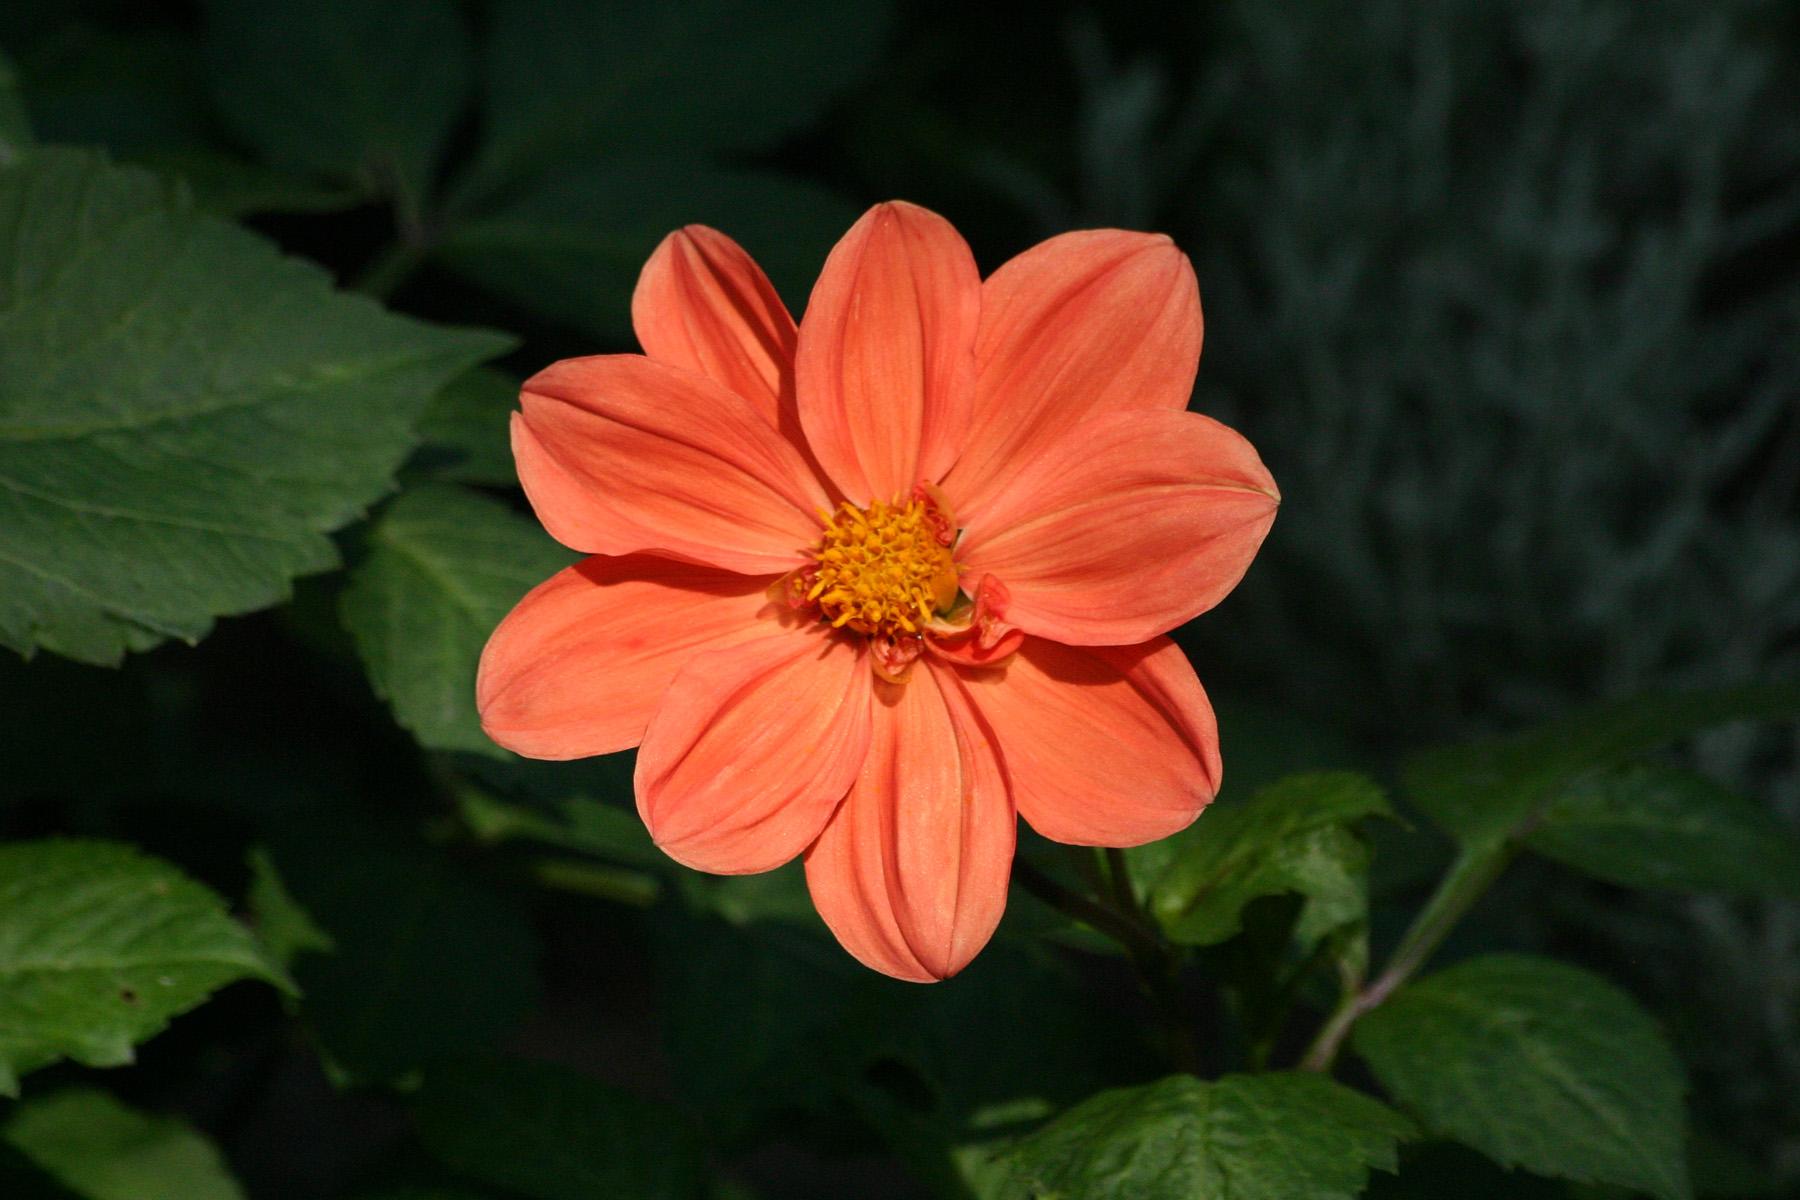 fleur orange sur freemages. Black Bedroom Furniture Sets. Home Design Ideas